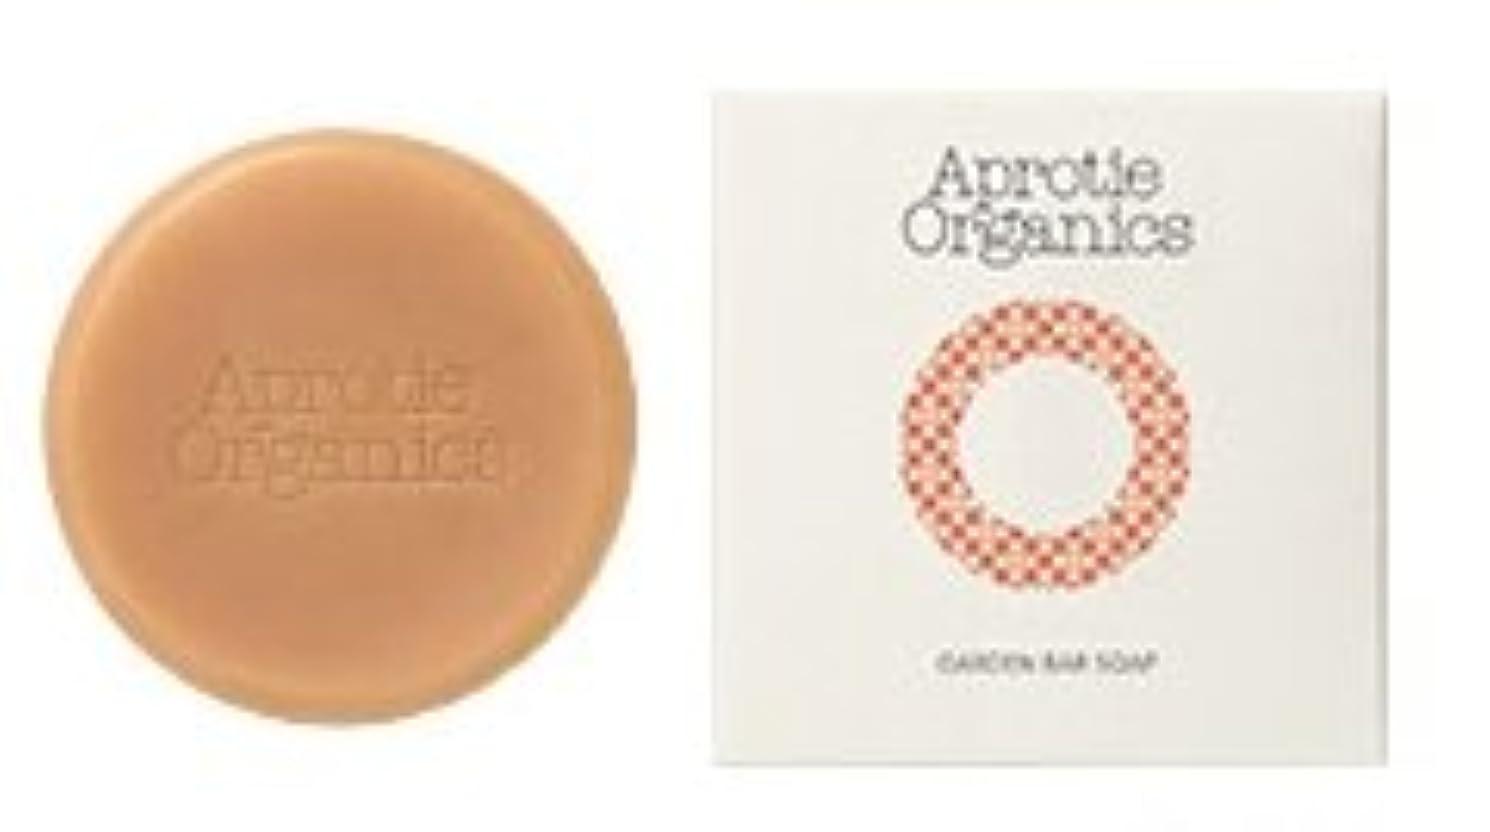 メッセンジャーイル評価するティエンズ アプロティー オーガニック ガーデン バー ソープ Garden Bar Soap 化粧石けん